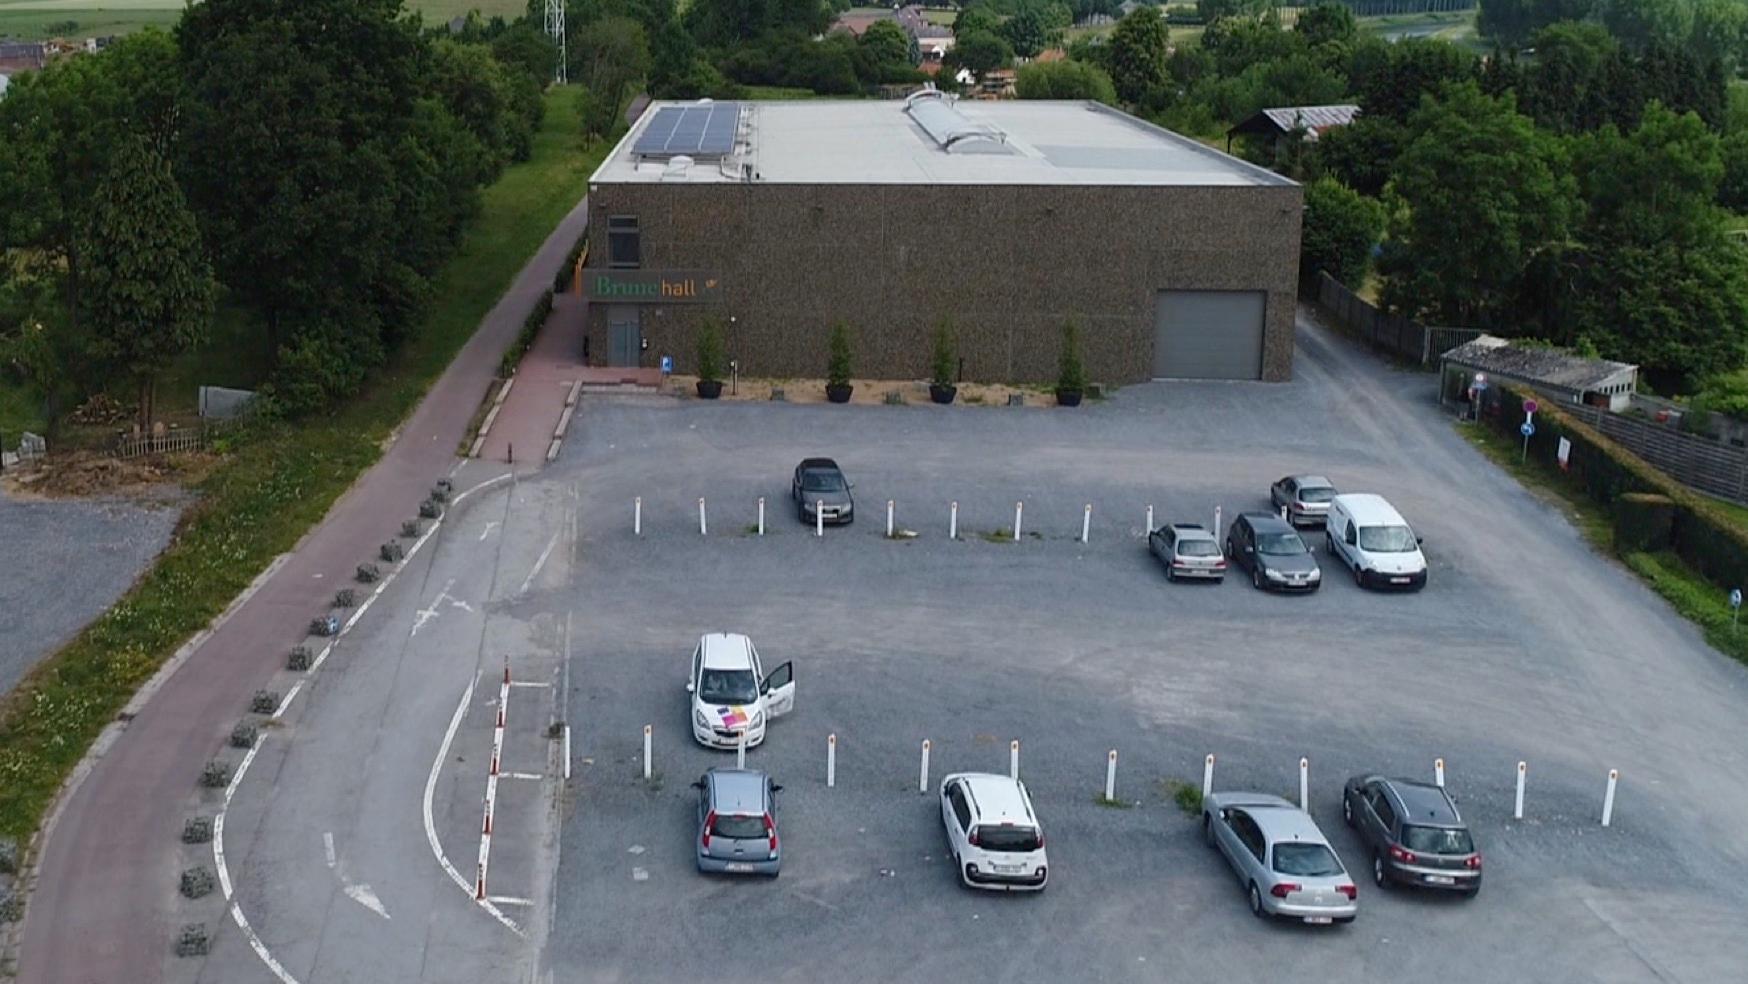 Le parking du Brunehall bientôt en travaux